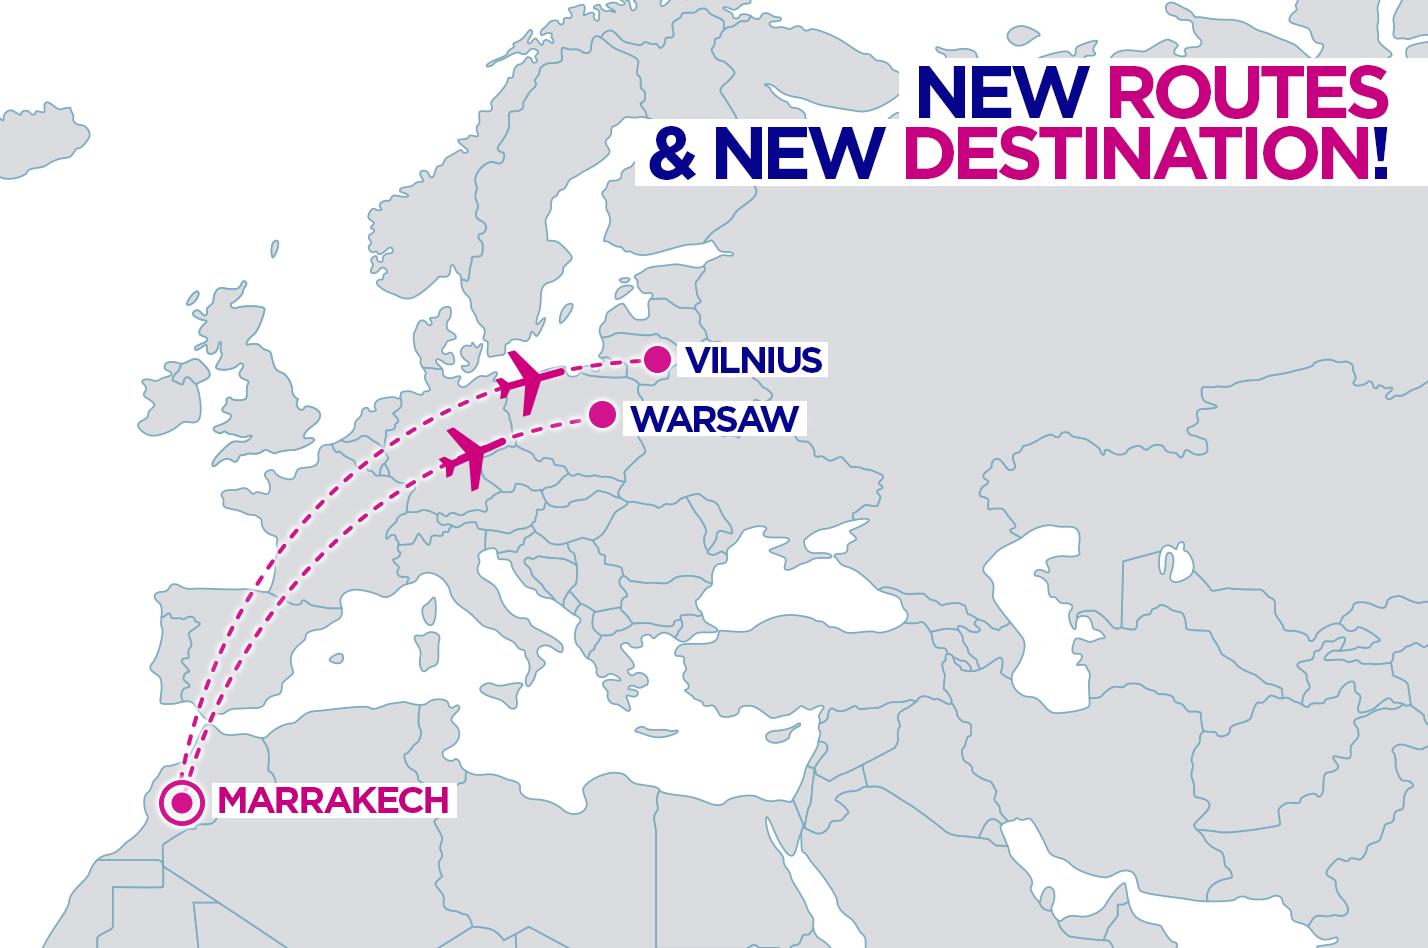 Nowy wakacyjny kierunek w siatce połączeń Wizz. Tej jesieni zostaną uruchomione dwa połączenia do Marrakeszu